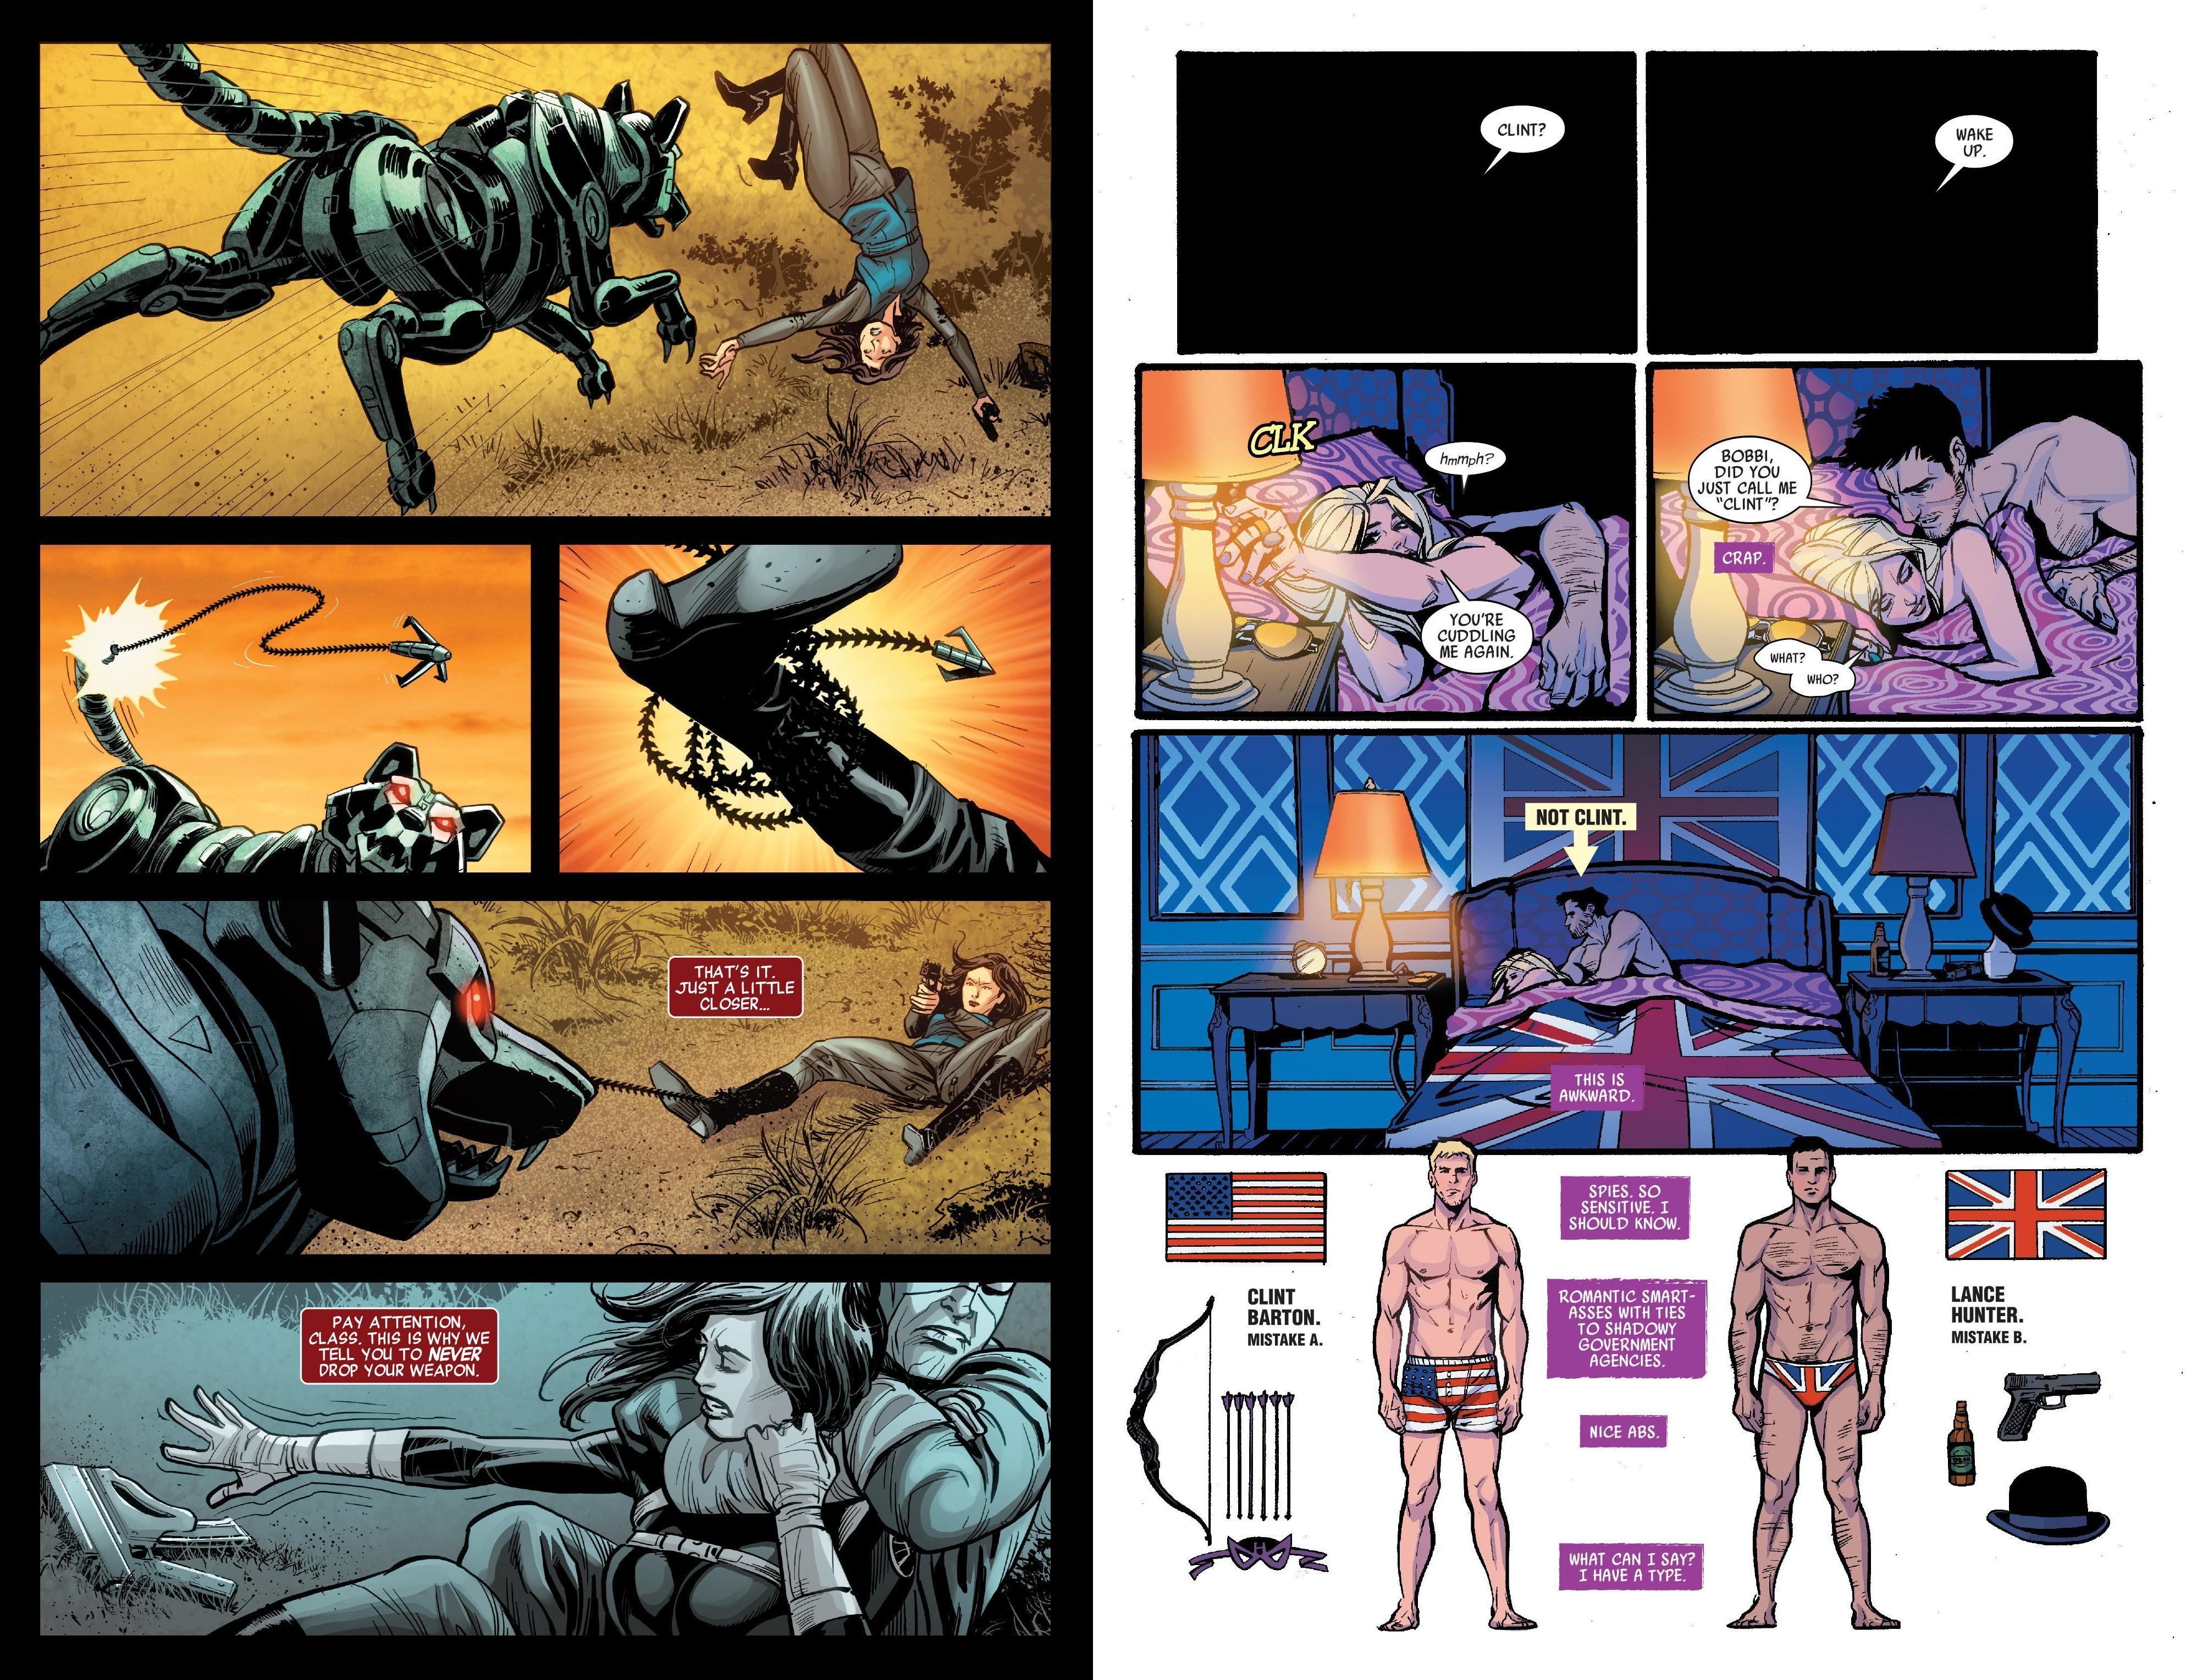 S.H.I.E.L.D Secret History review